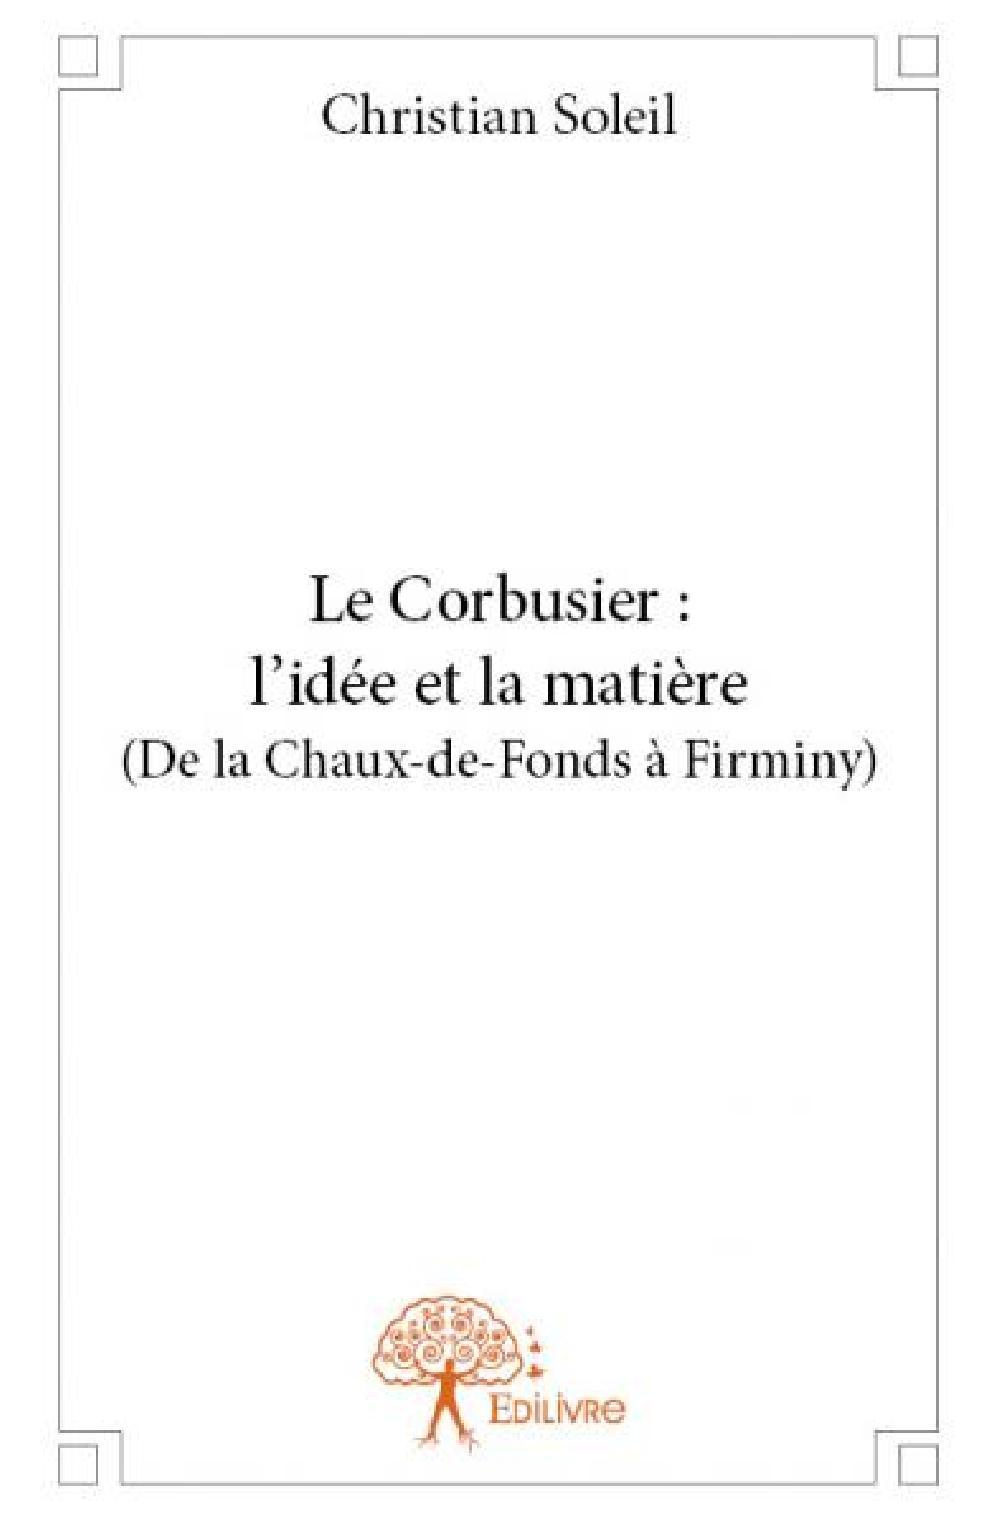 Le Corbusier : l'idée et la matière (de la Chaux-de-Fonds à Firminy)